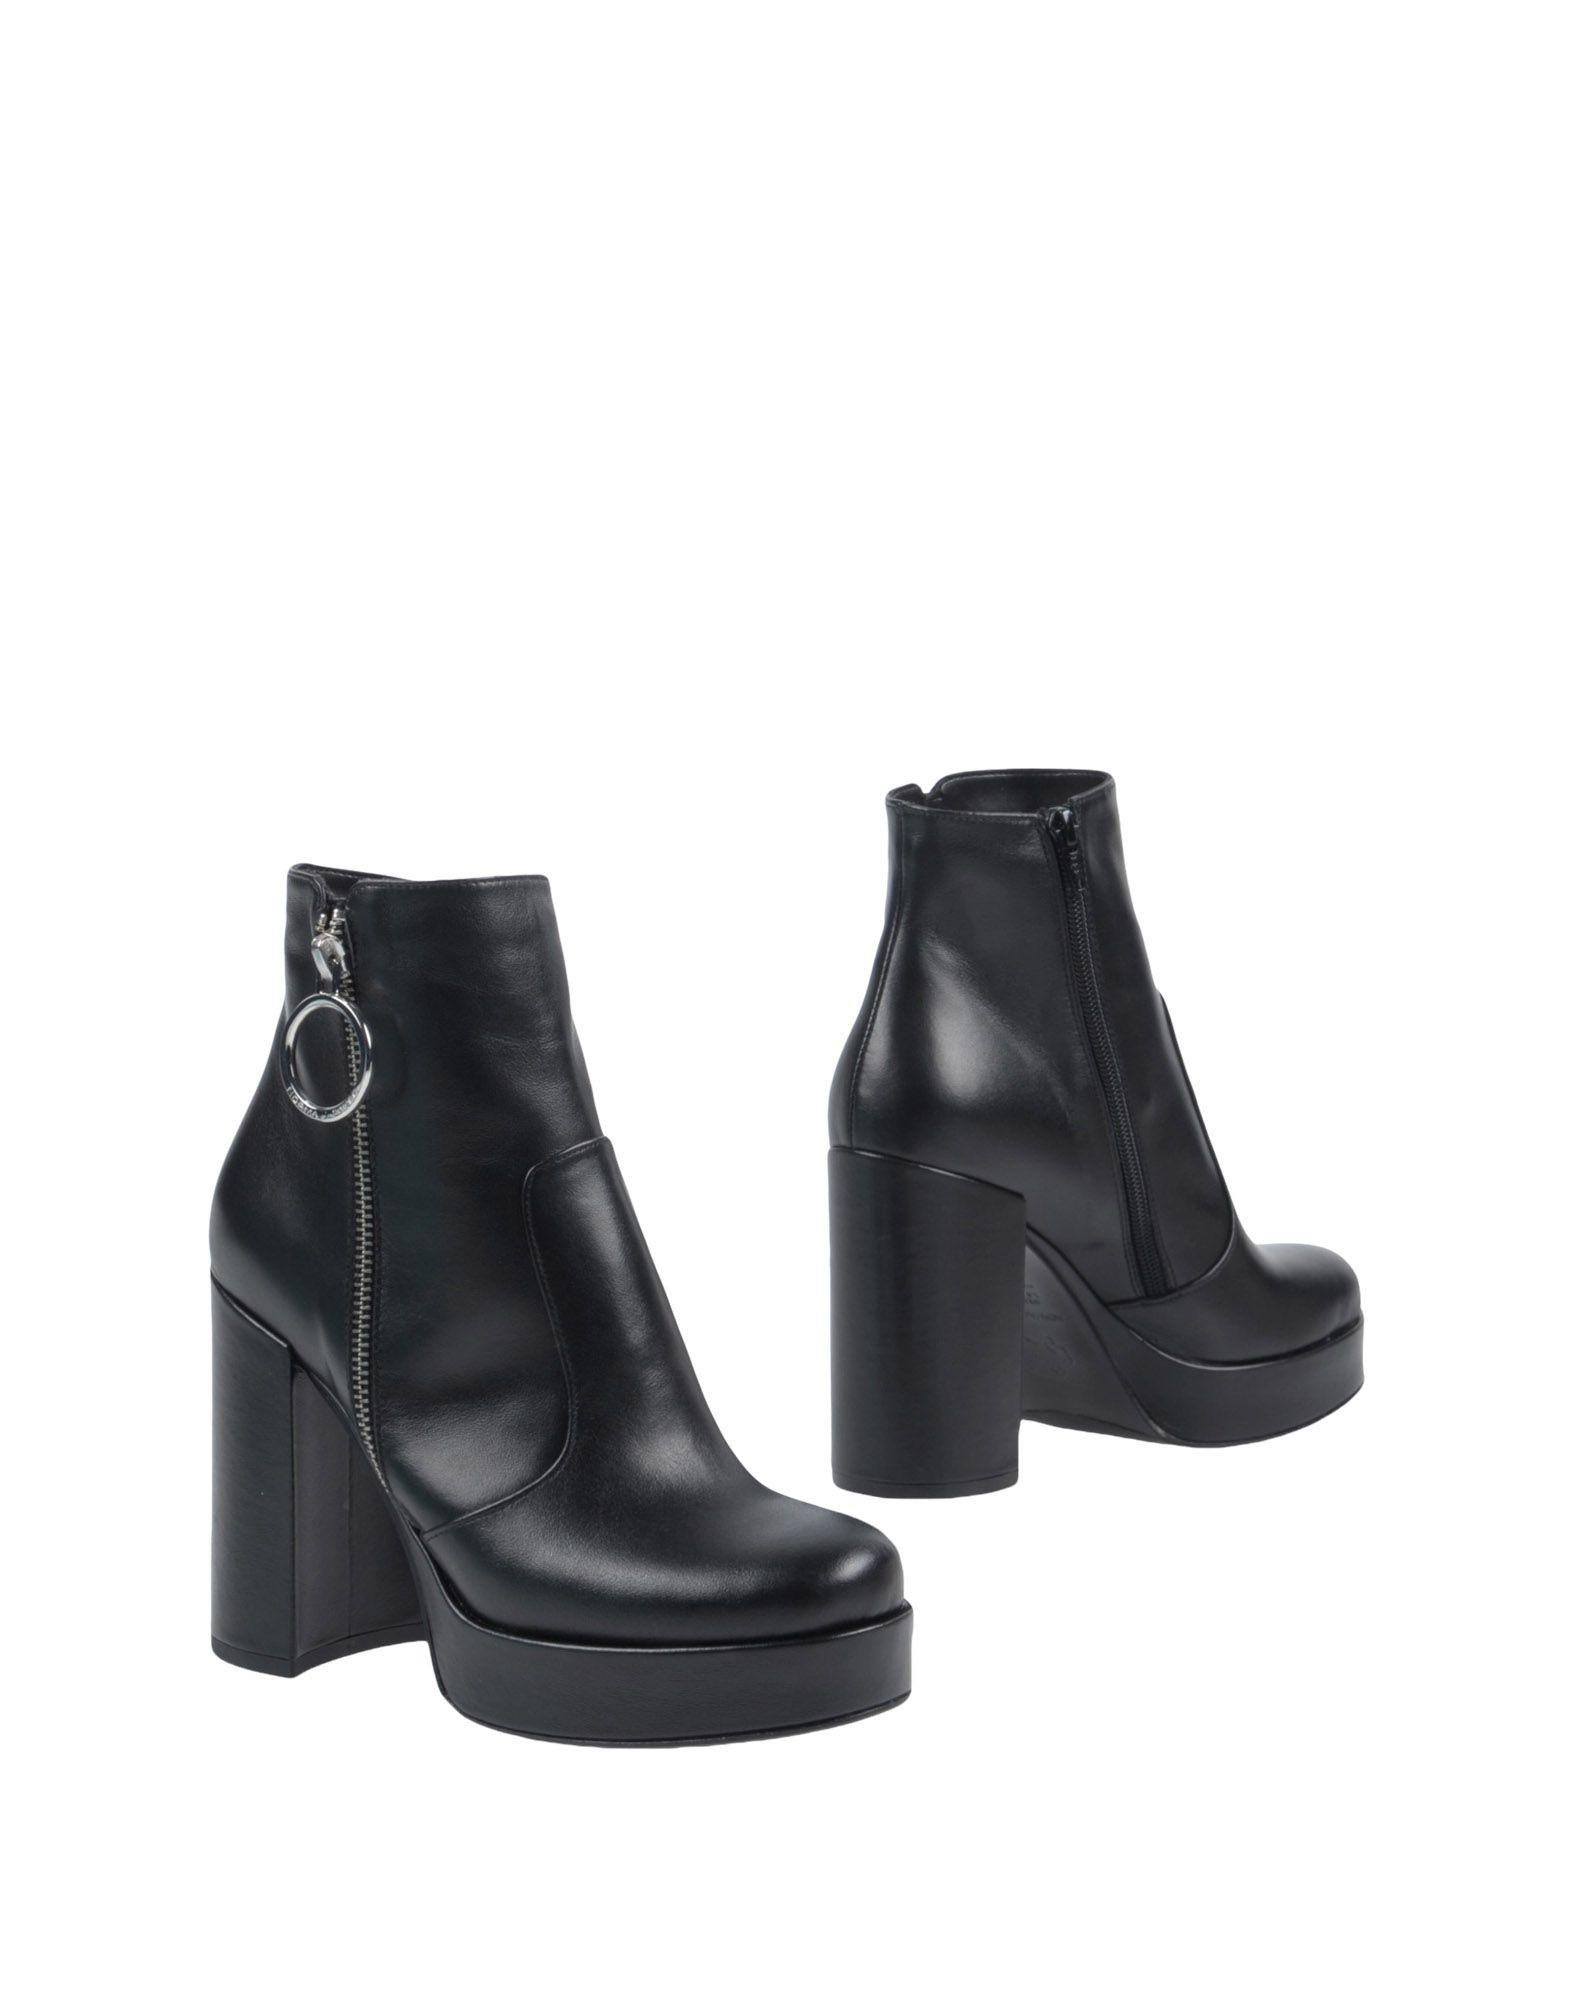 Norma J.Baker Stiefelette Damen    11447203CK Neue Schuhe 3bb99a